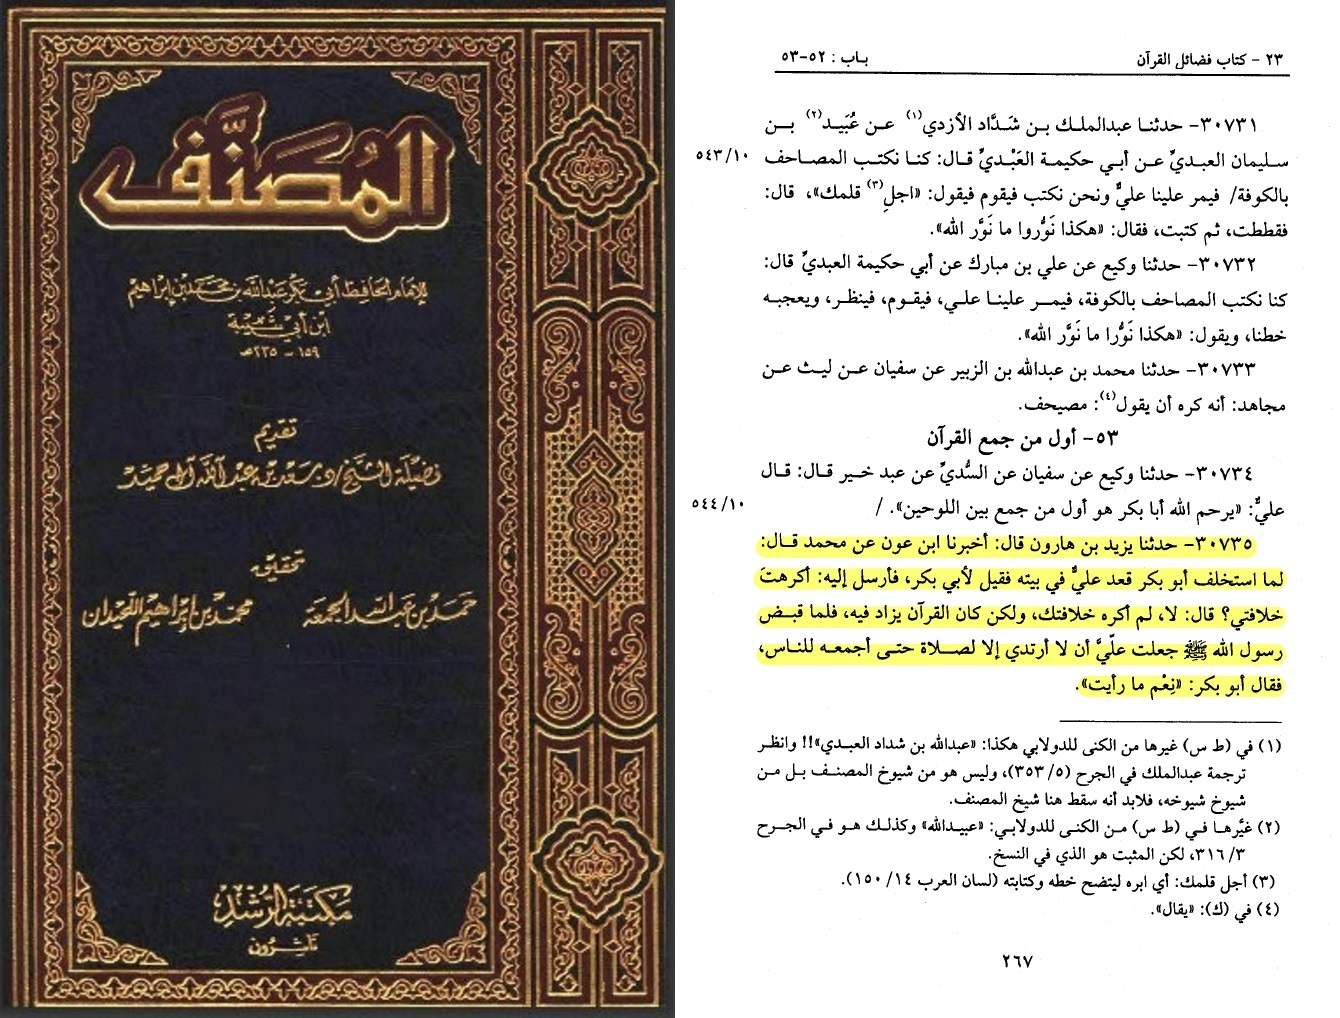 sa7i7-e-mosannaf-b-10-s-267-h-30735